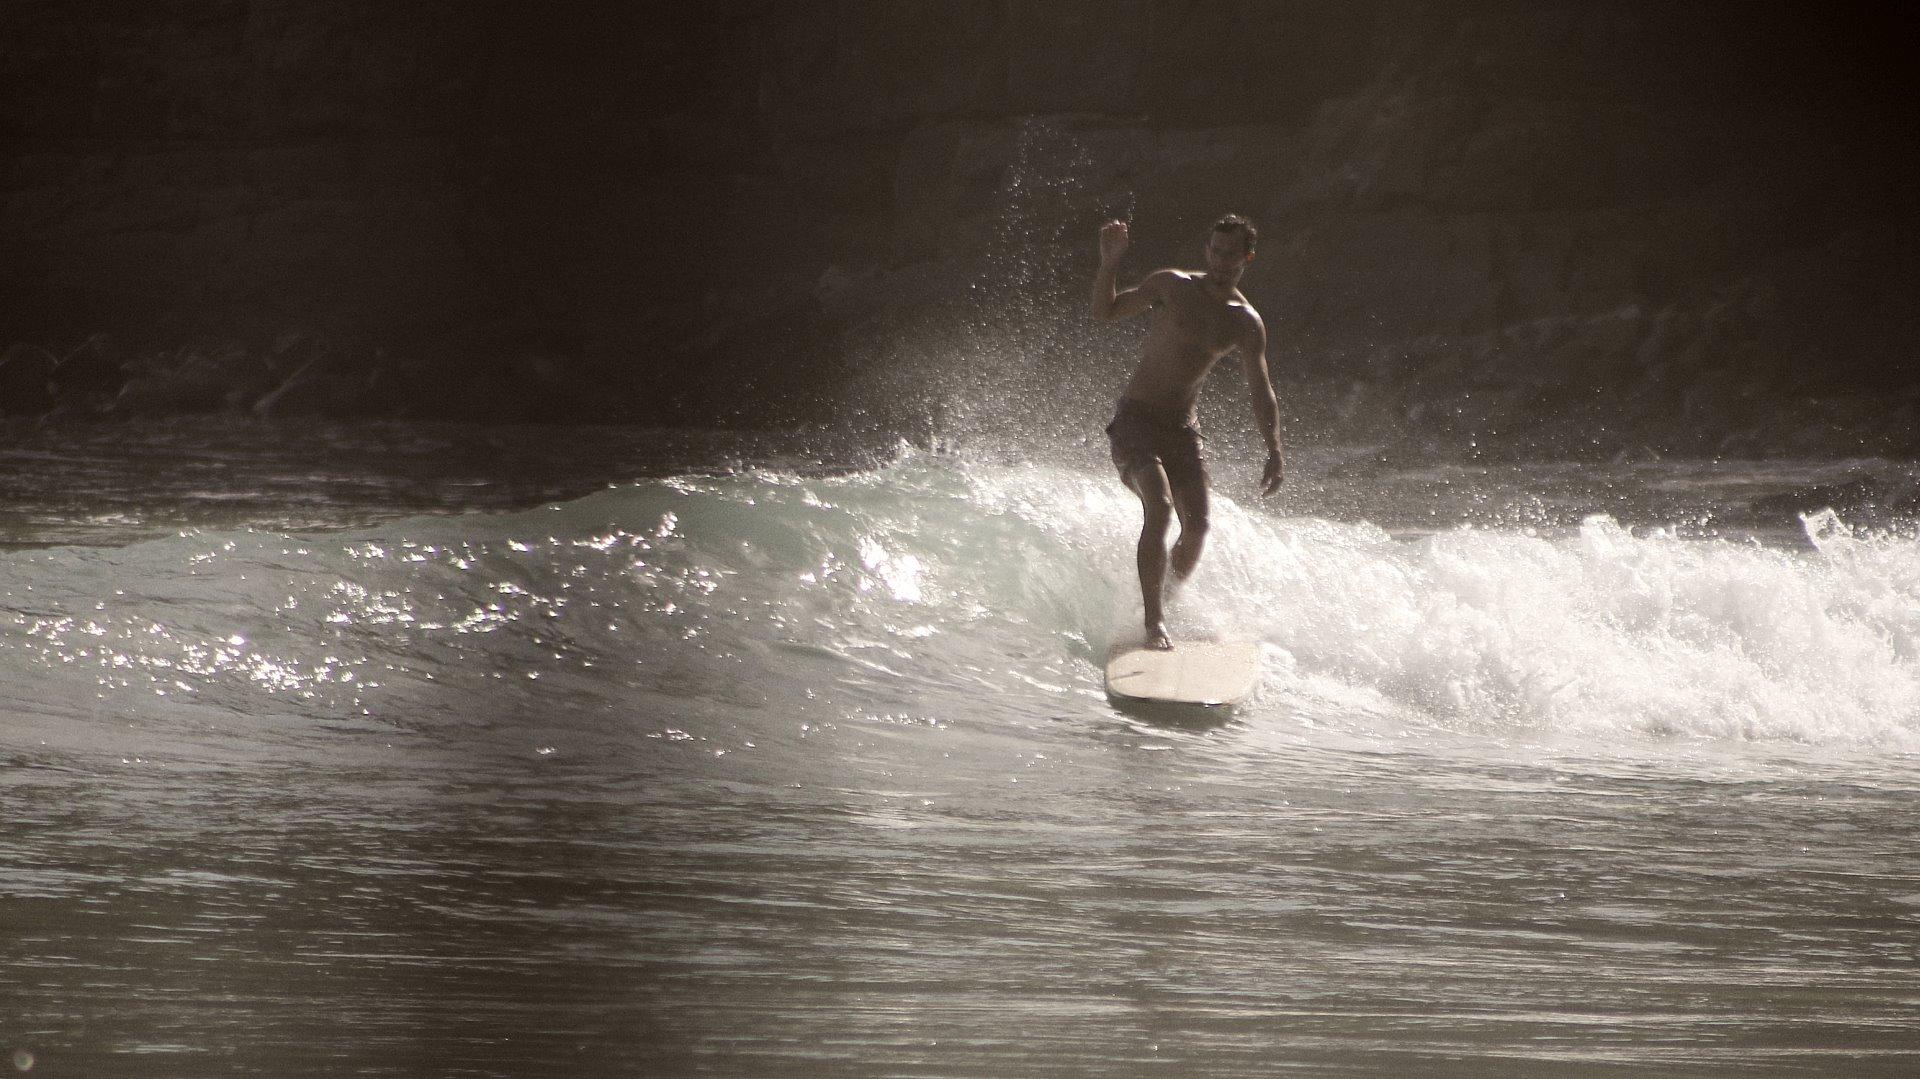 Felipe-longboard-noosa-siebert-surfboards-9